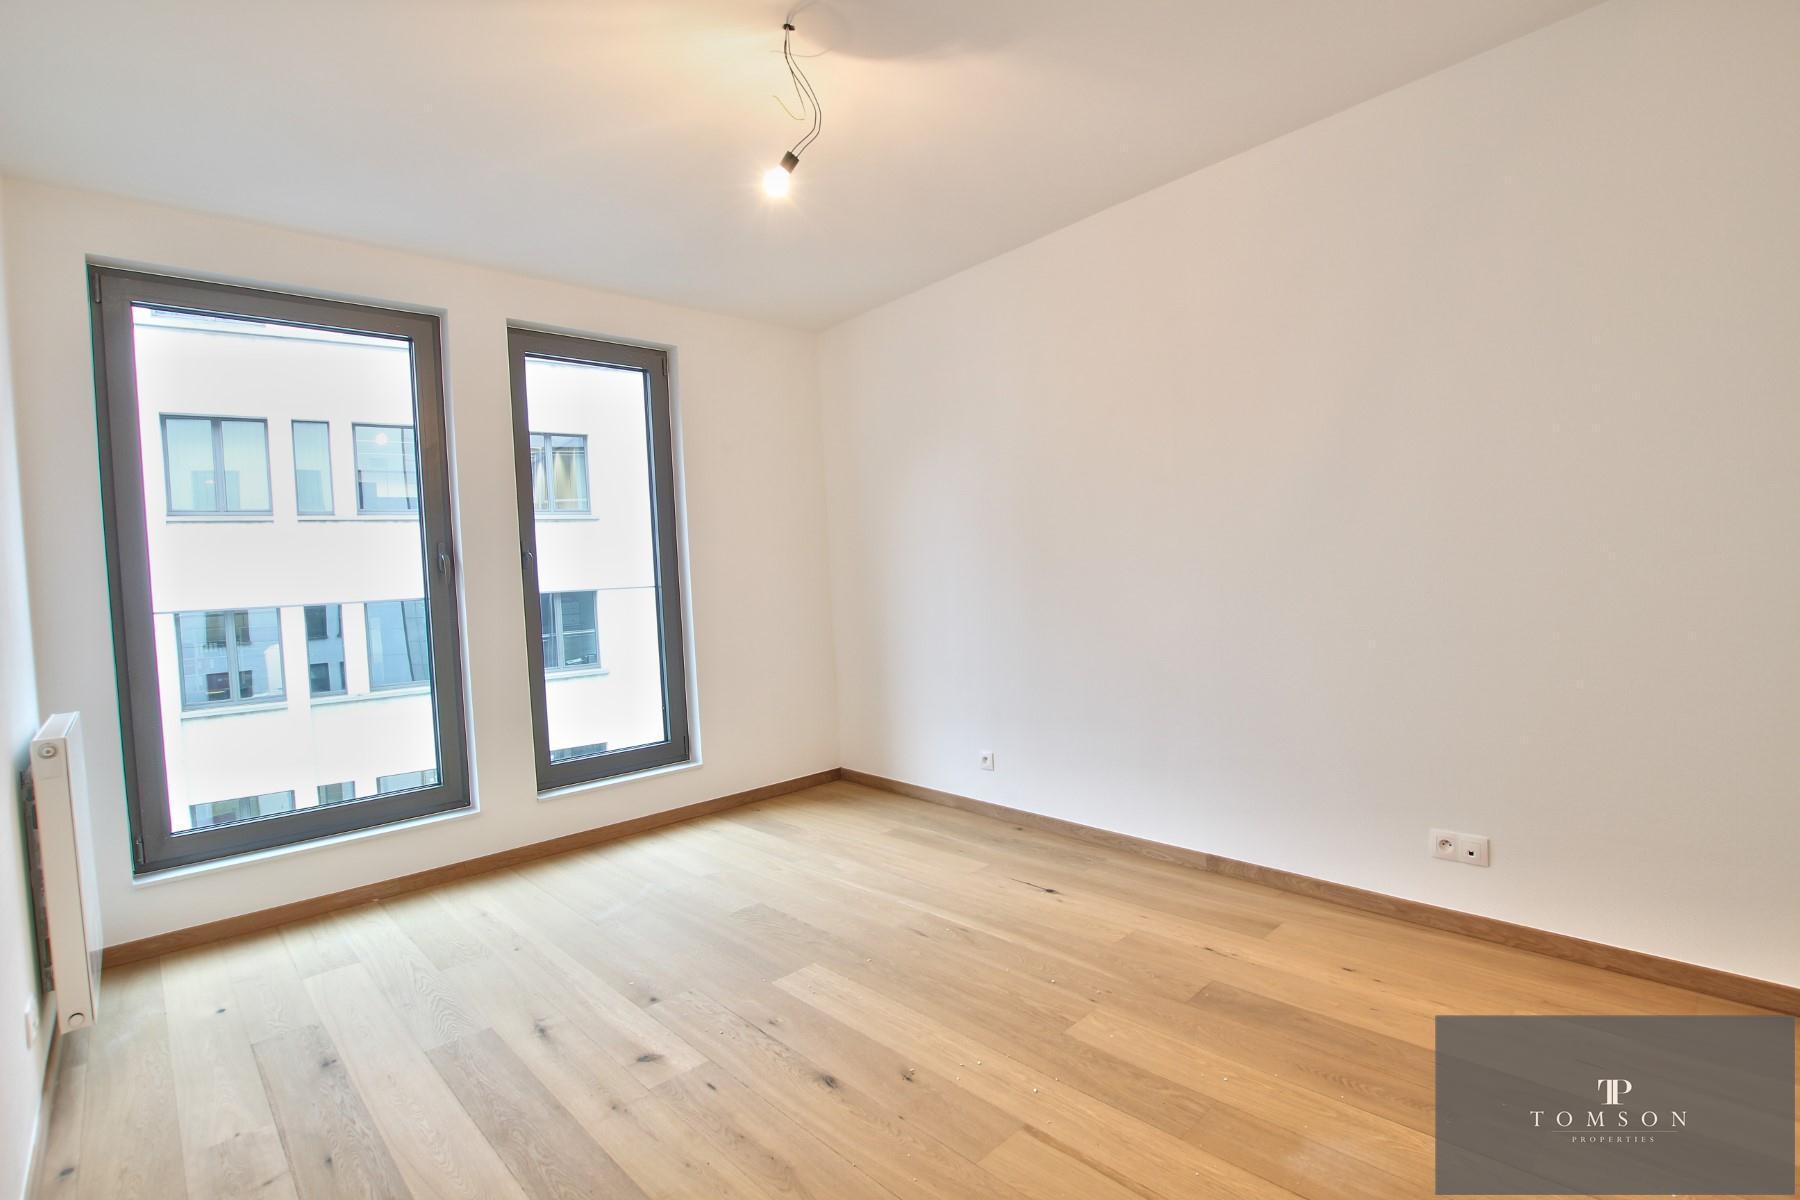 Flat - Bruxelles - #4157343-2